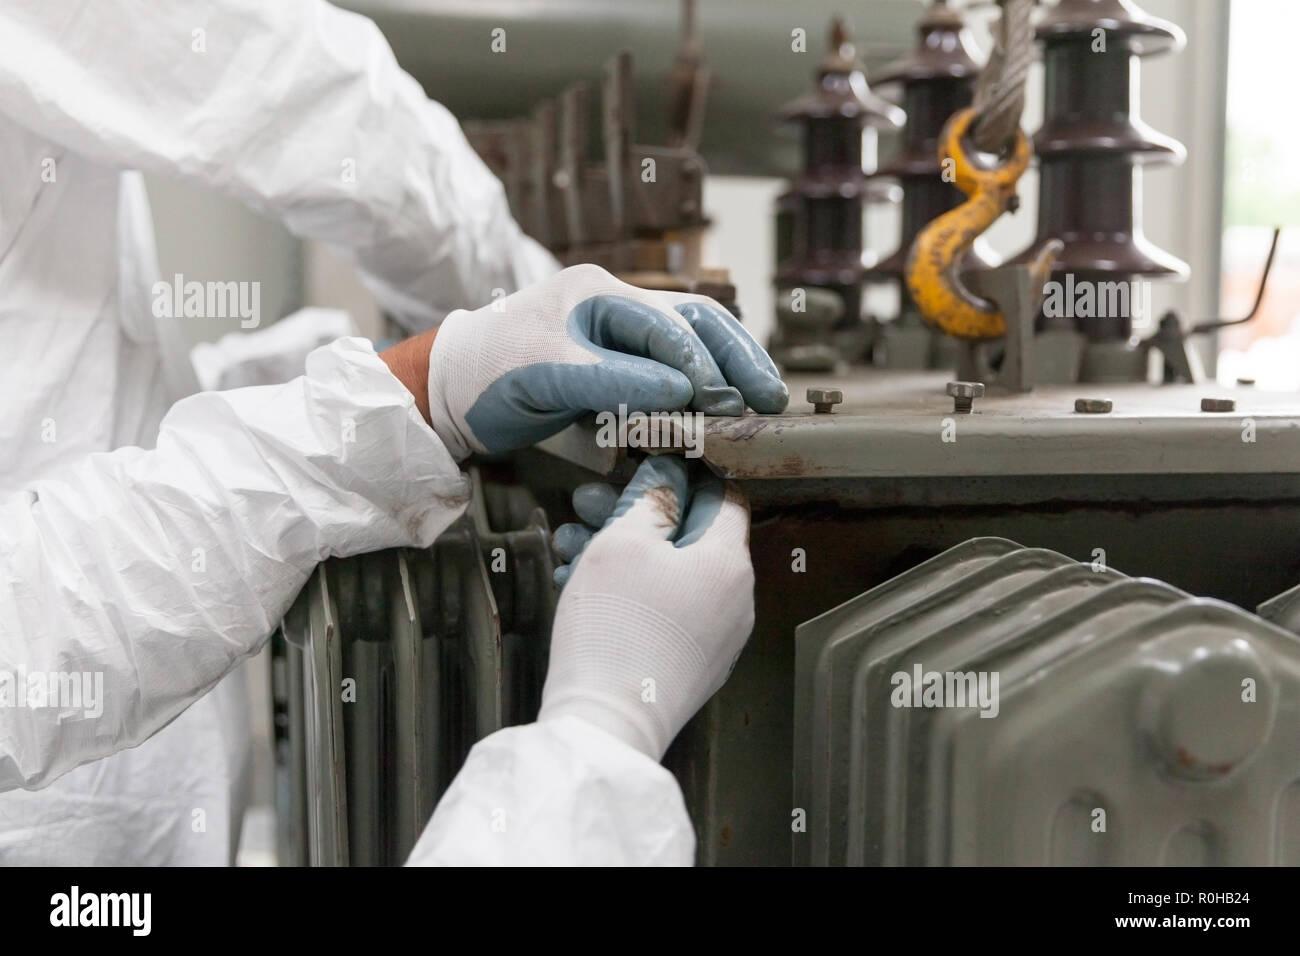 Un uomo in bianco protettivo di indumenti da lavoro e guanti, la preparazione di un vecchio trasformatore di componenti per il riciclaggio. Gestione dei rifiuti Immagini Stock